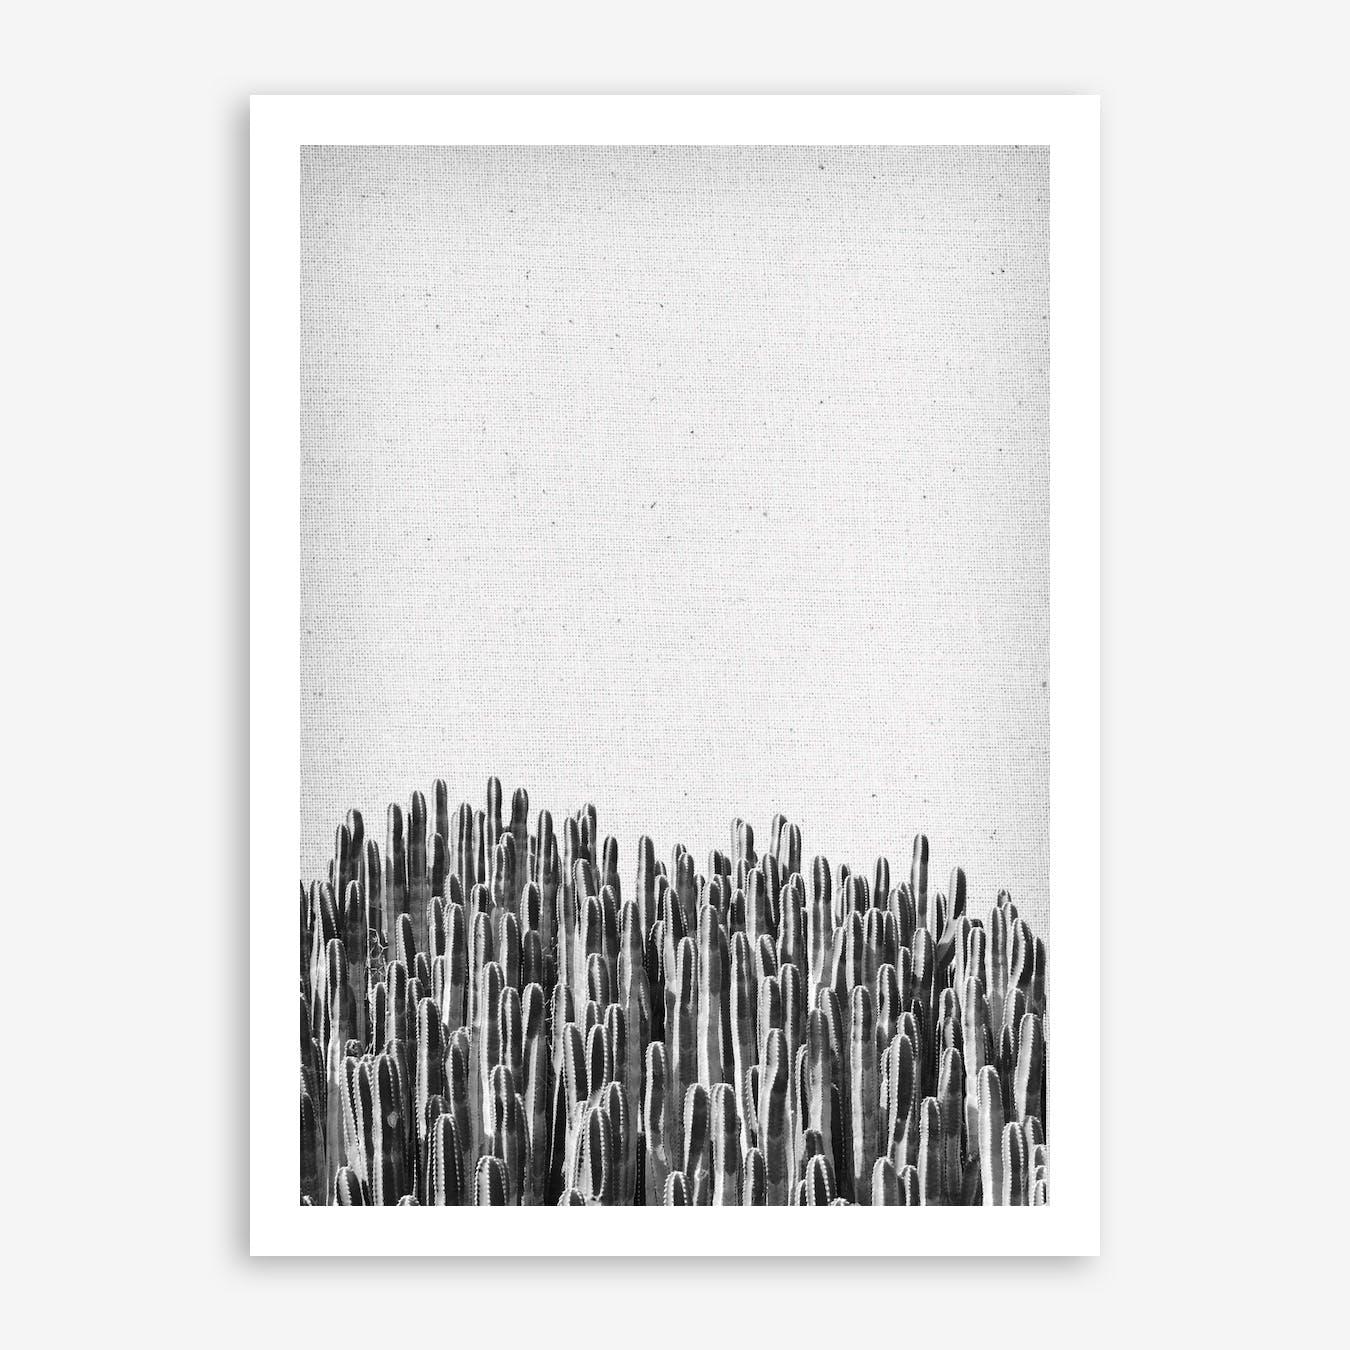 Cacti III Print